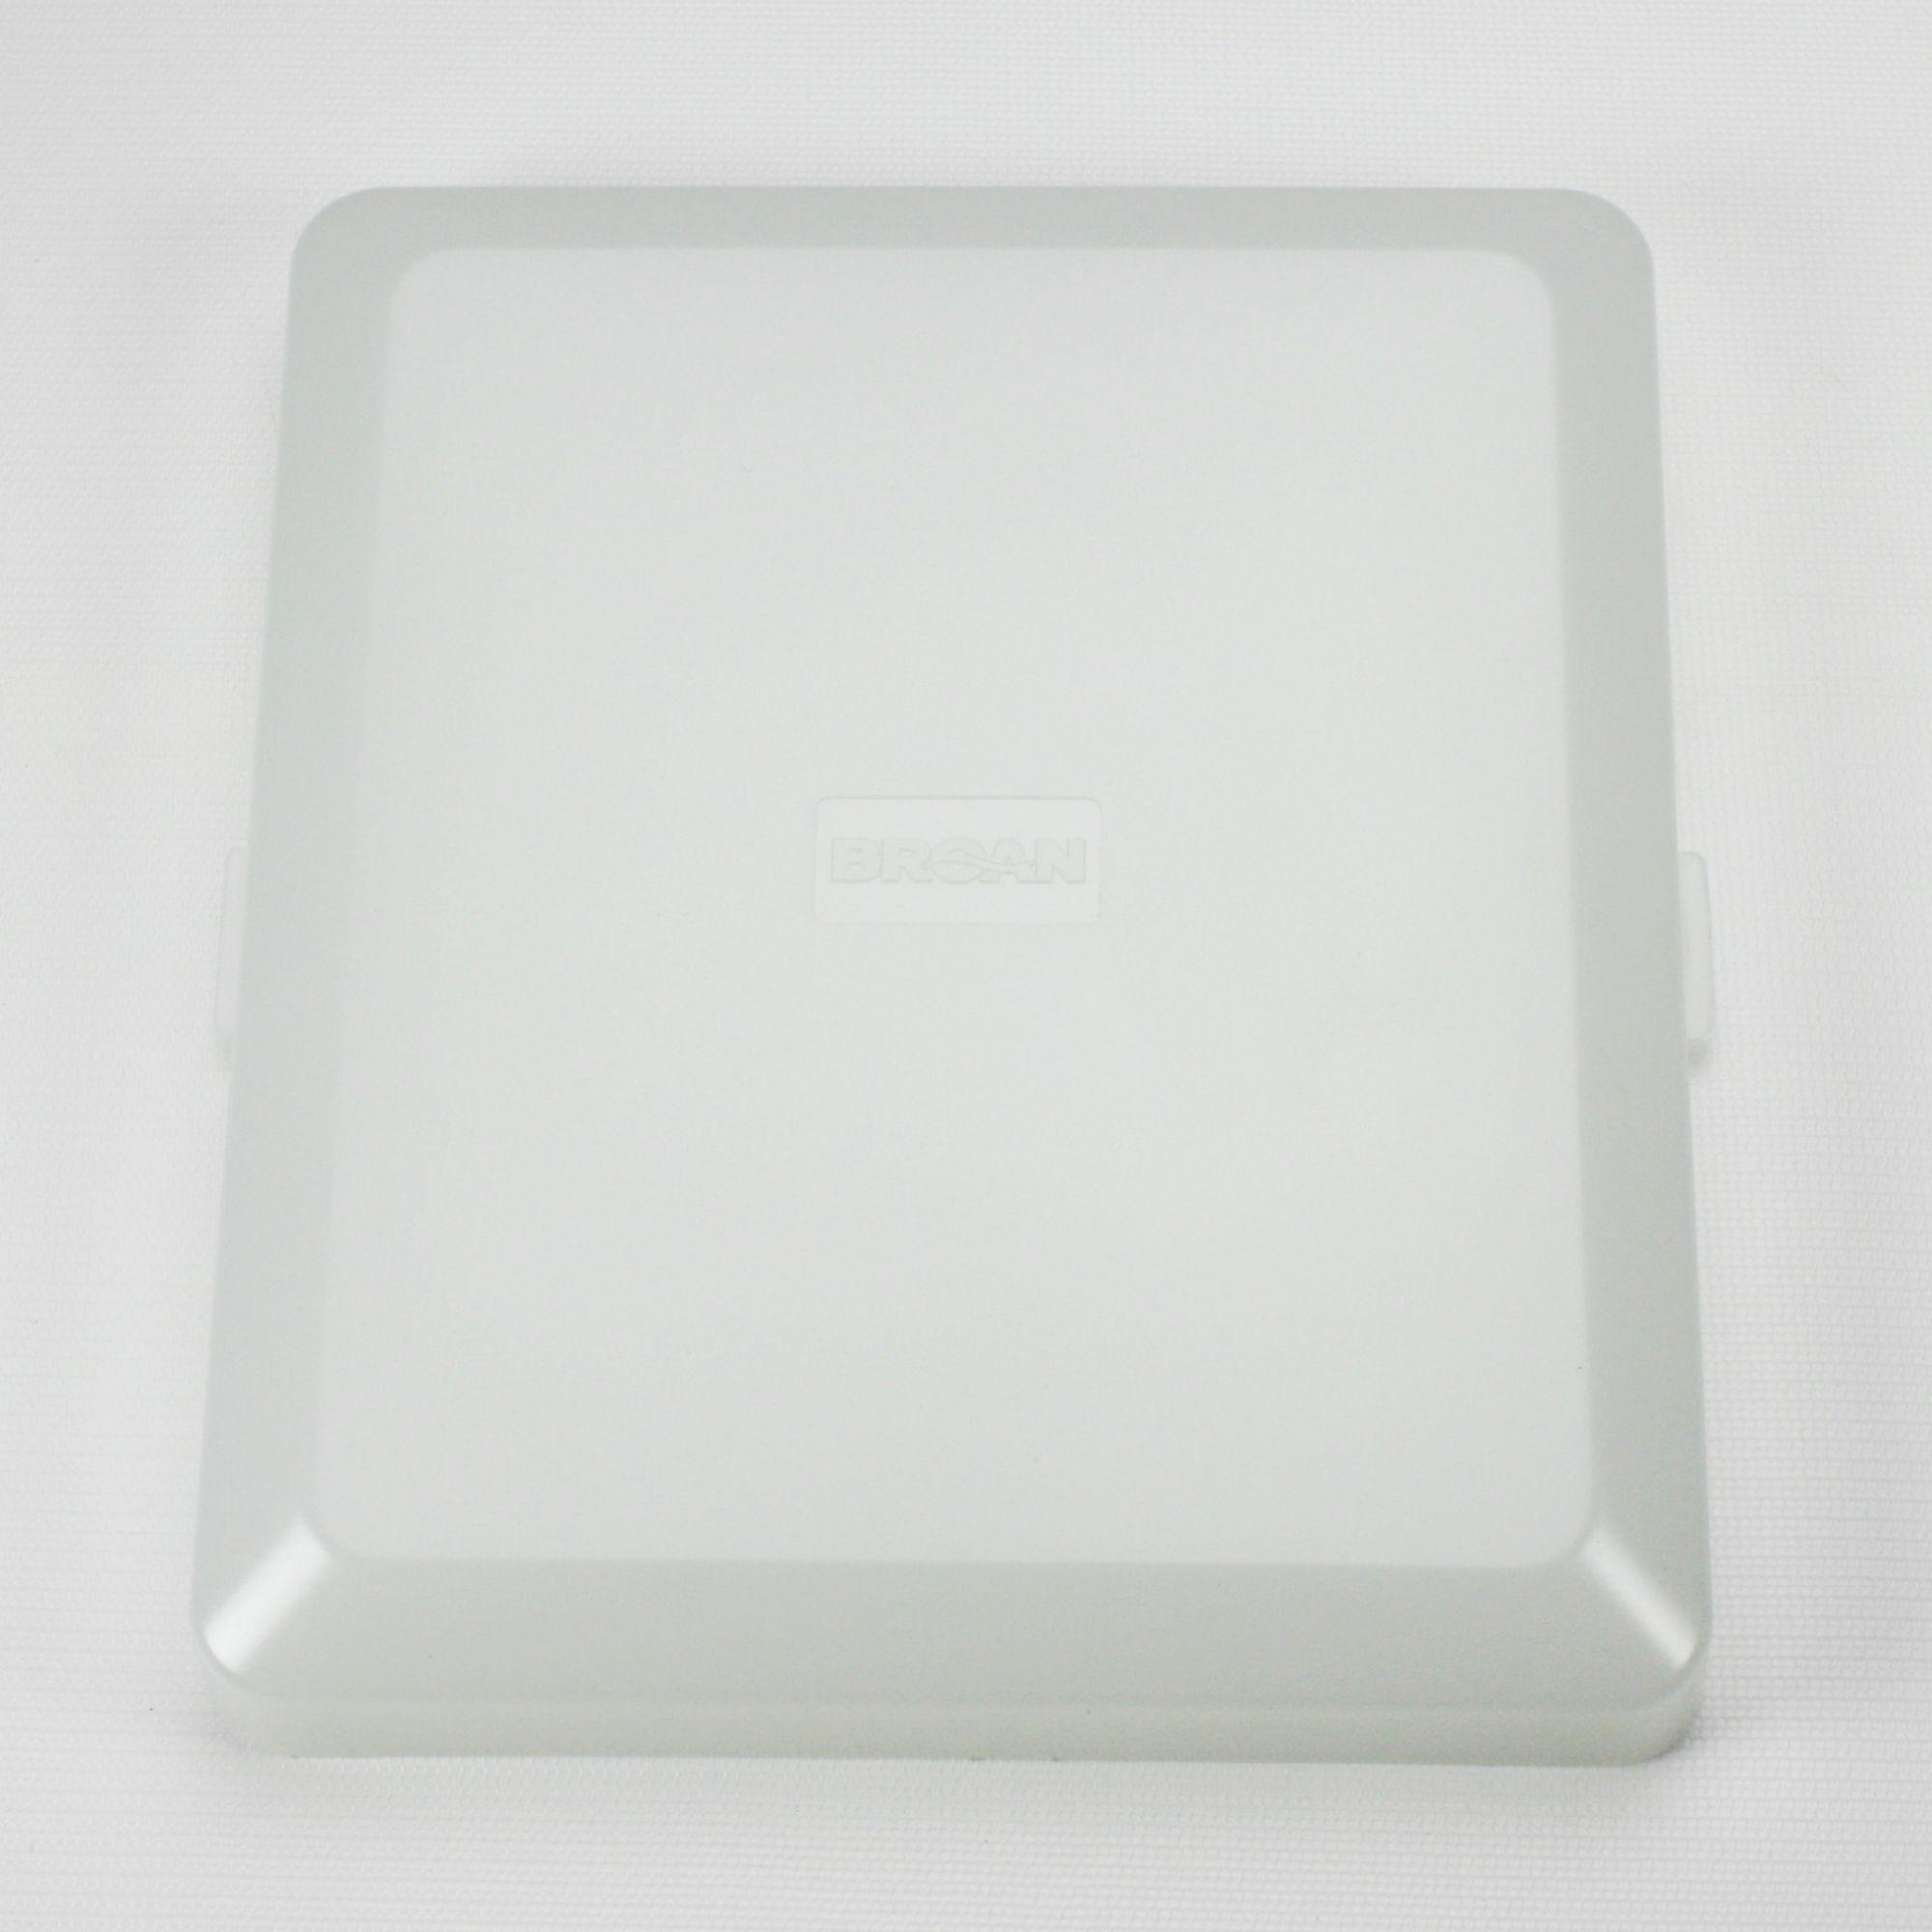 Bathroom Ceiling Fan Light Covers: S97013578 For Broan Bath Fan Light Bulb Cover